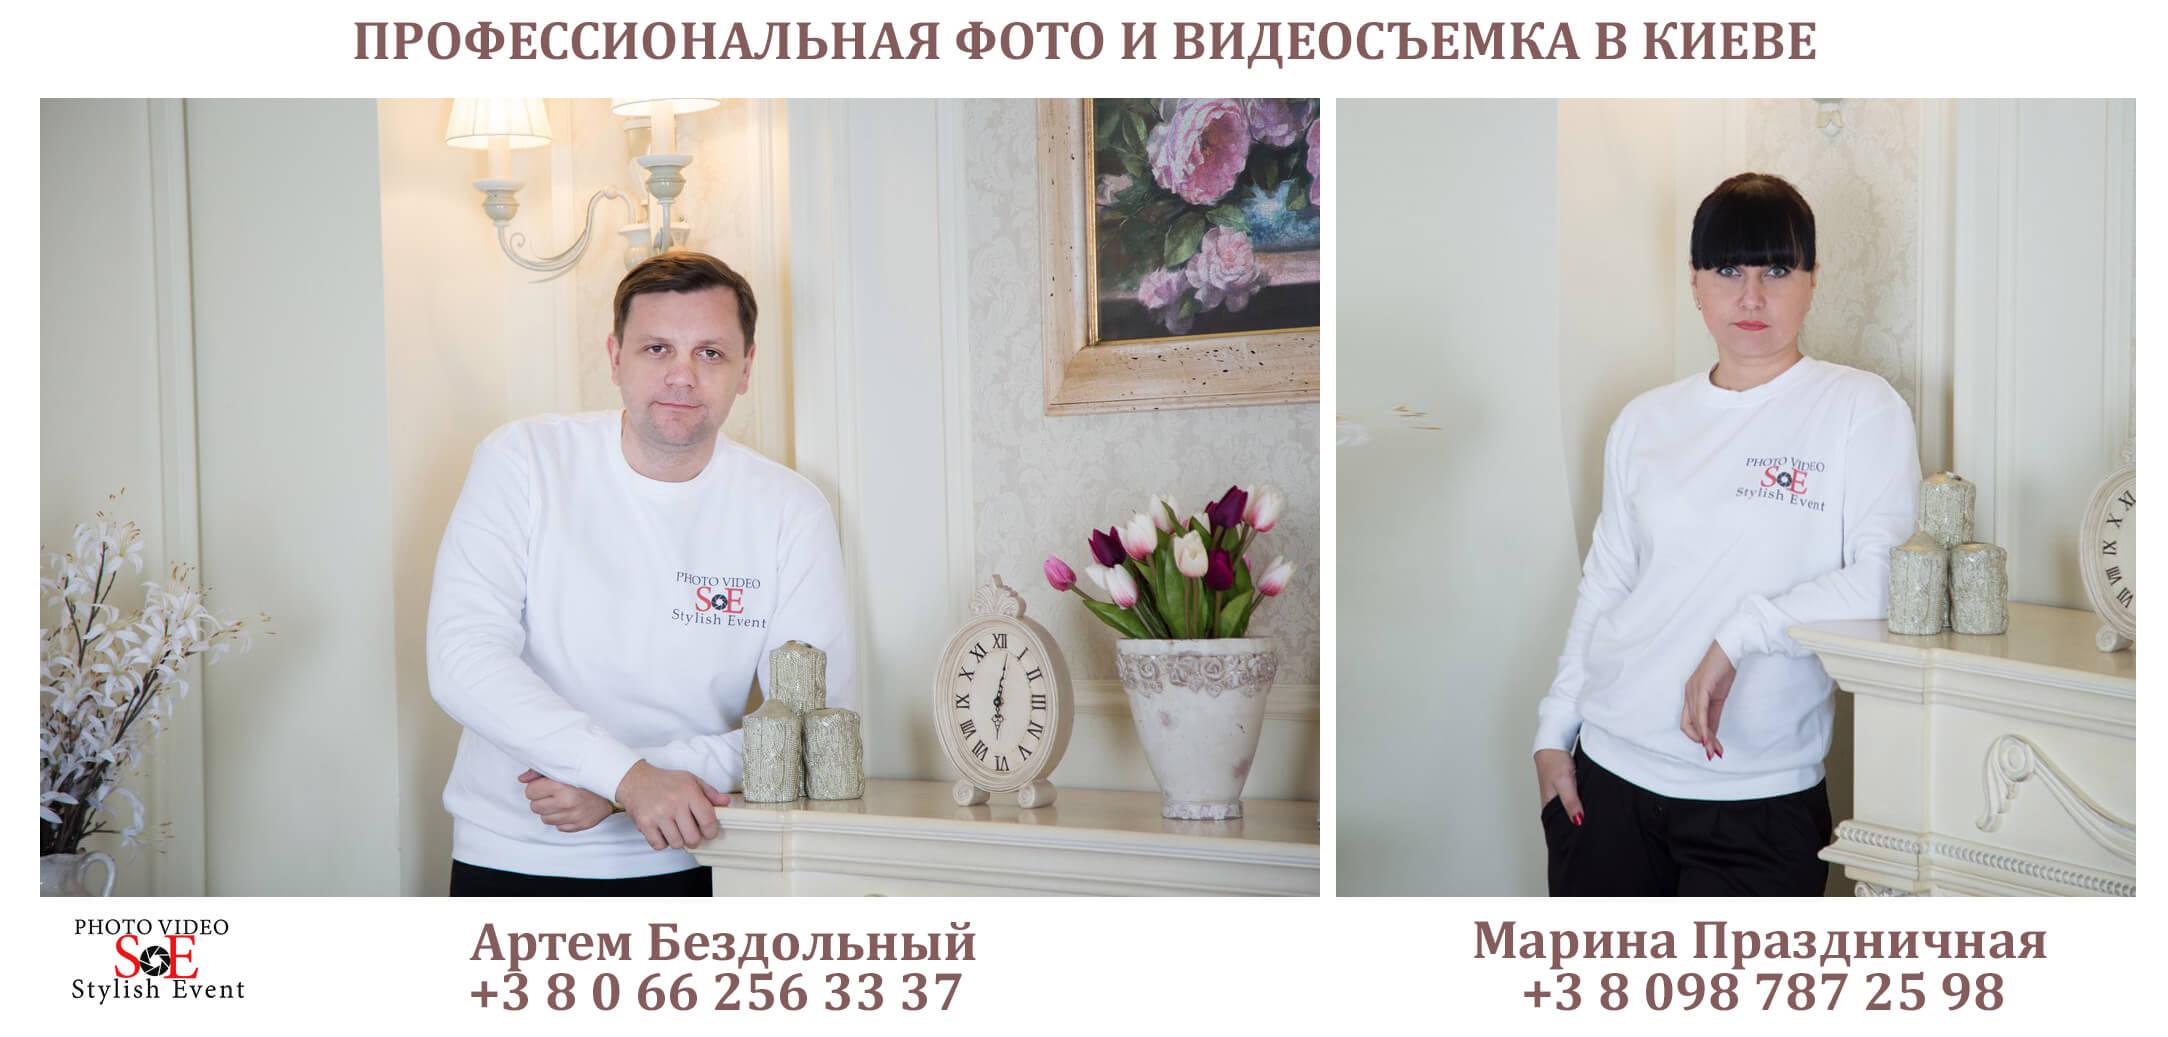 Артем Бездольный фотограф Марина Праздничная видеооператор